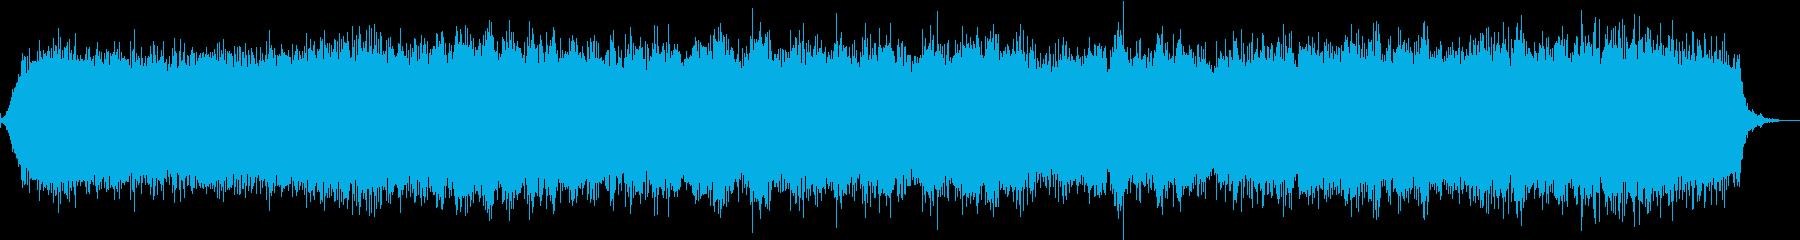 【生録音】ヘアドライヤーの音 ノーマルの再生済みの波形